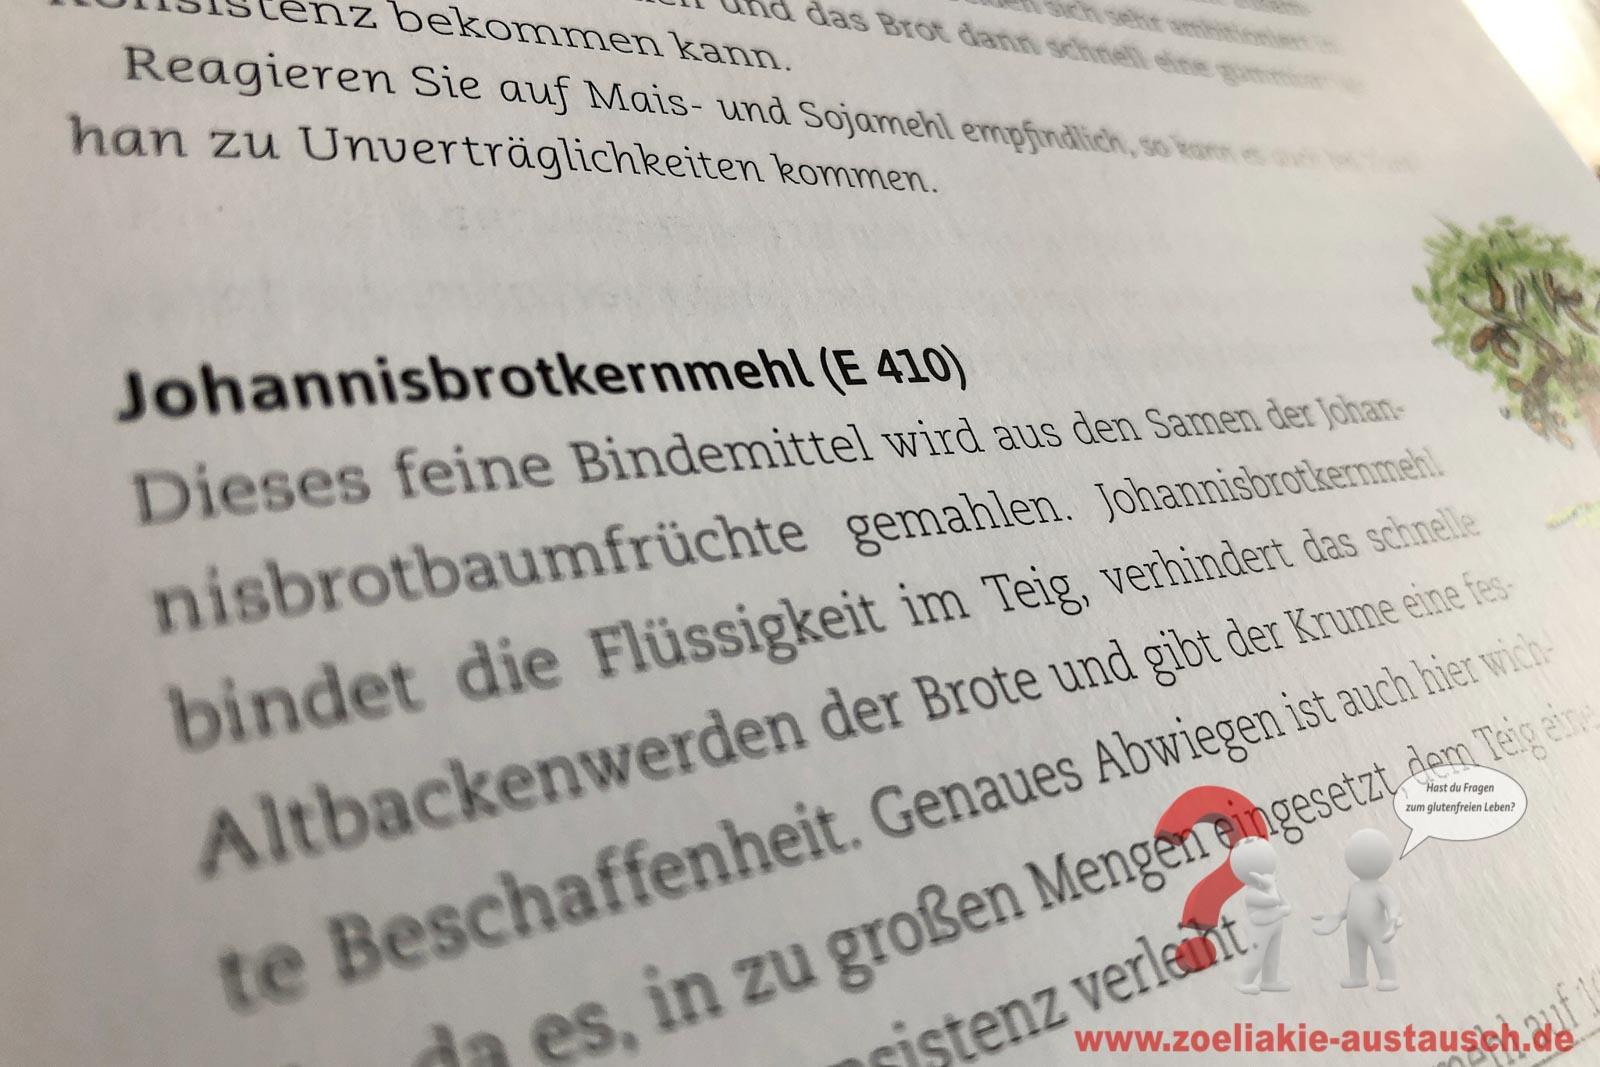 Schulenburg_Brot-Broetchen-und-mehr_Zoeliakie_Austausch_007